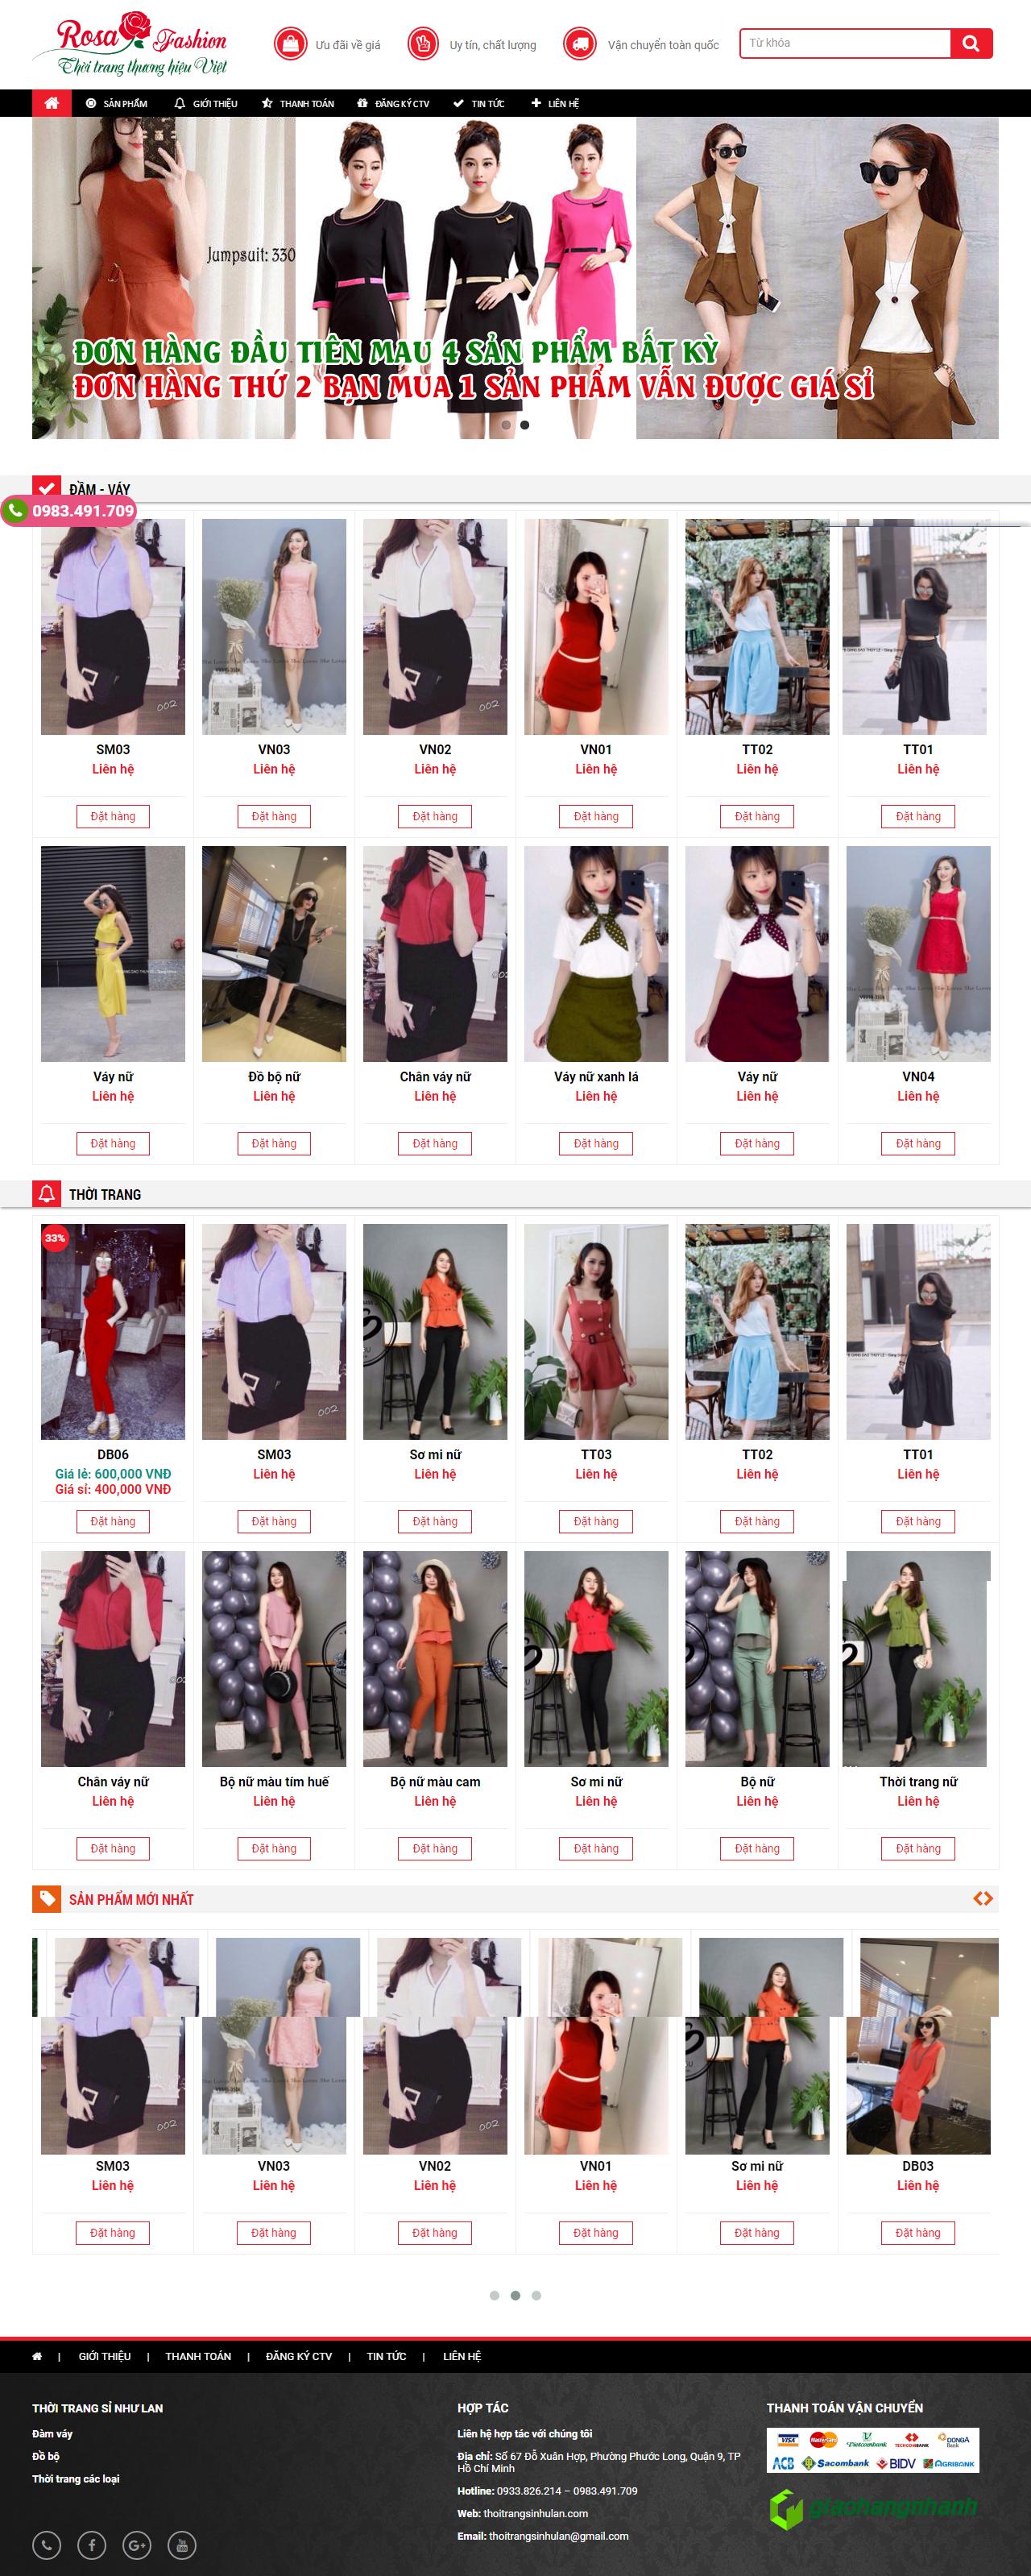 thiết kế web giá rẻ thời trang nữ